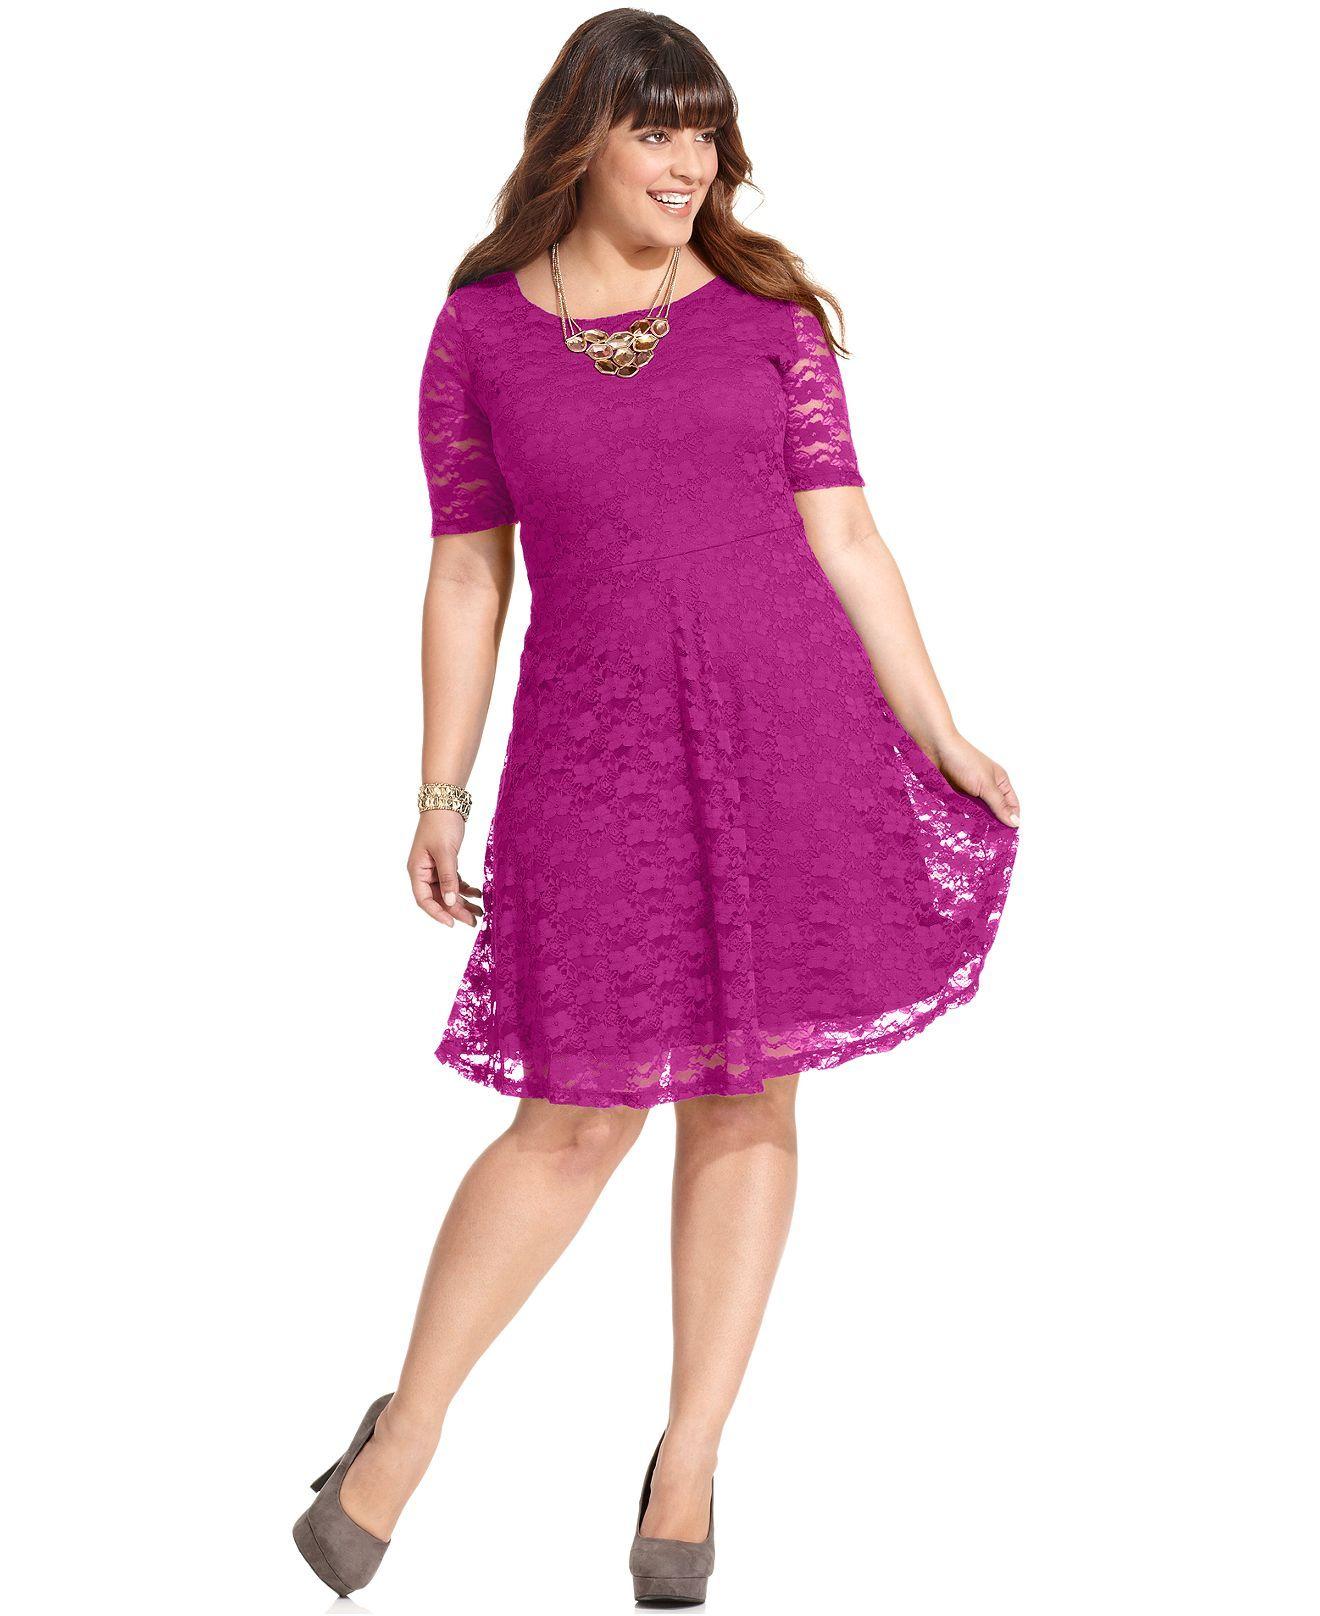 Lace dress macys  Love Squared Plus Size Dress ShortSleeve Lace ALine  Plus Size